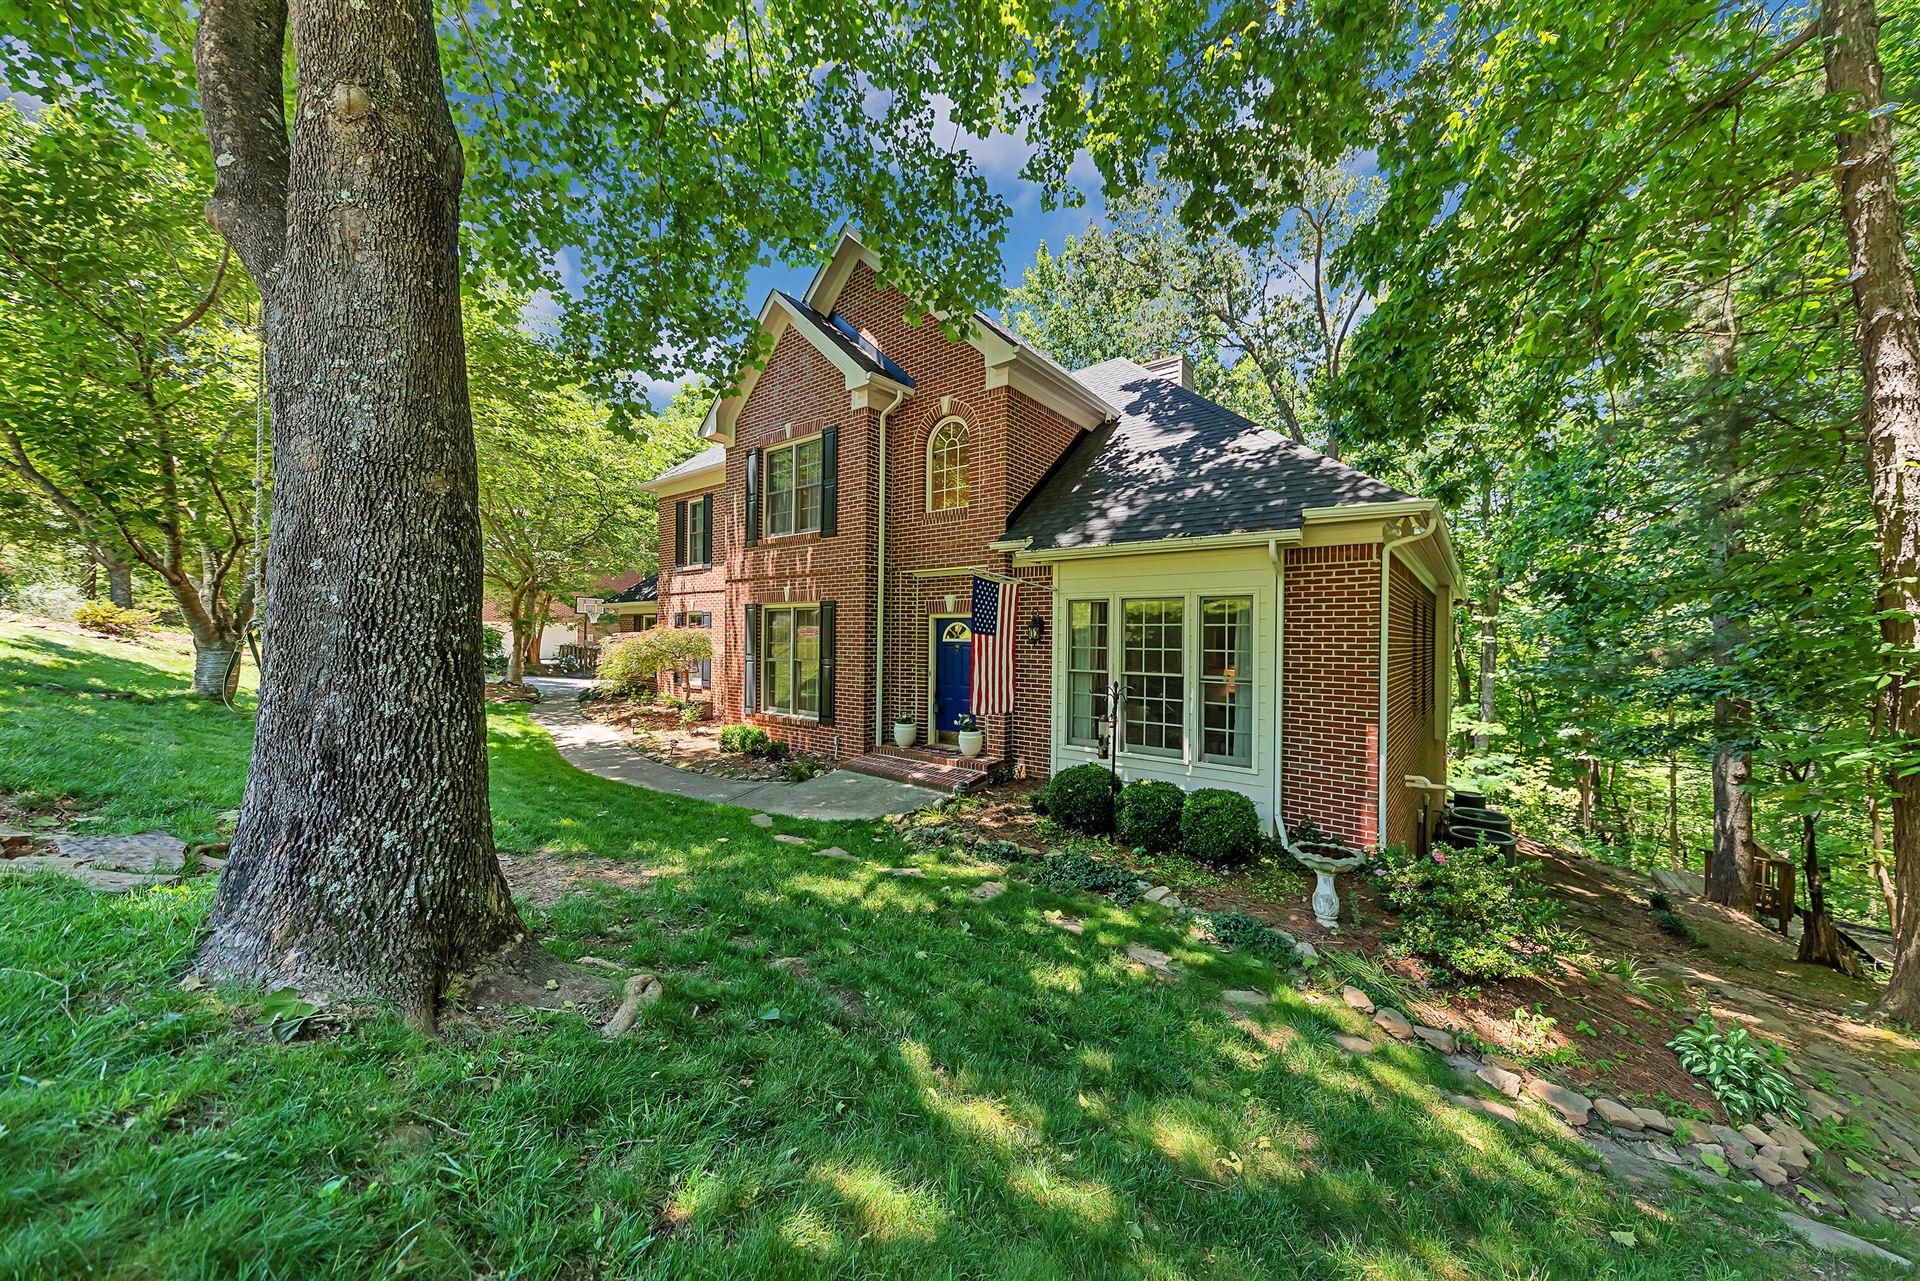 Photo of 136 Whippoorwill Drive, Oak Ridge, TN 37830 (MLS # 1156799)